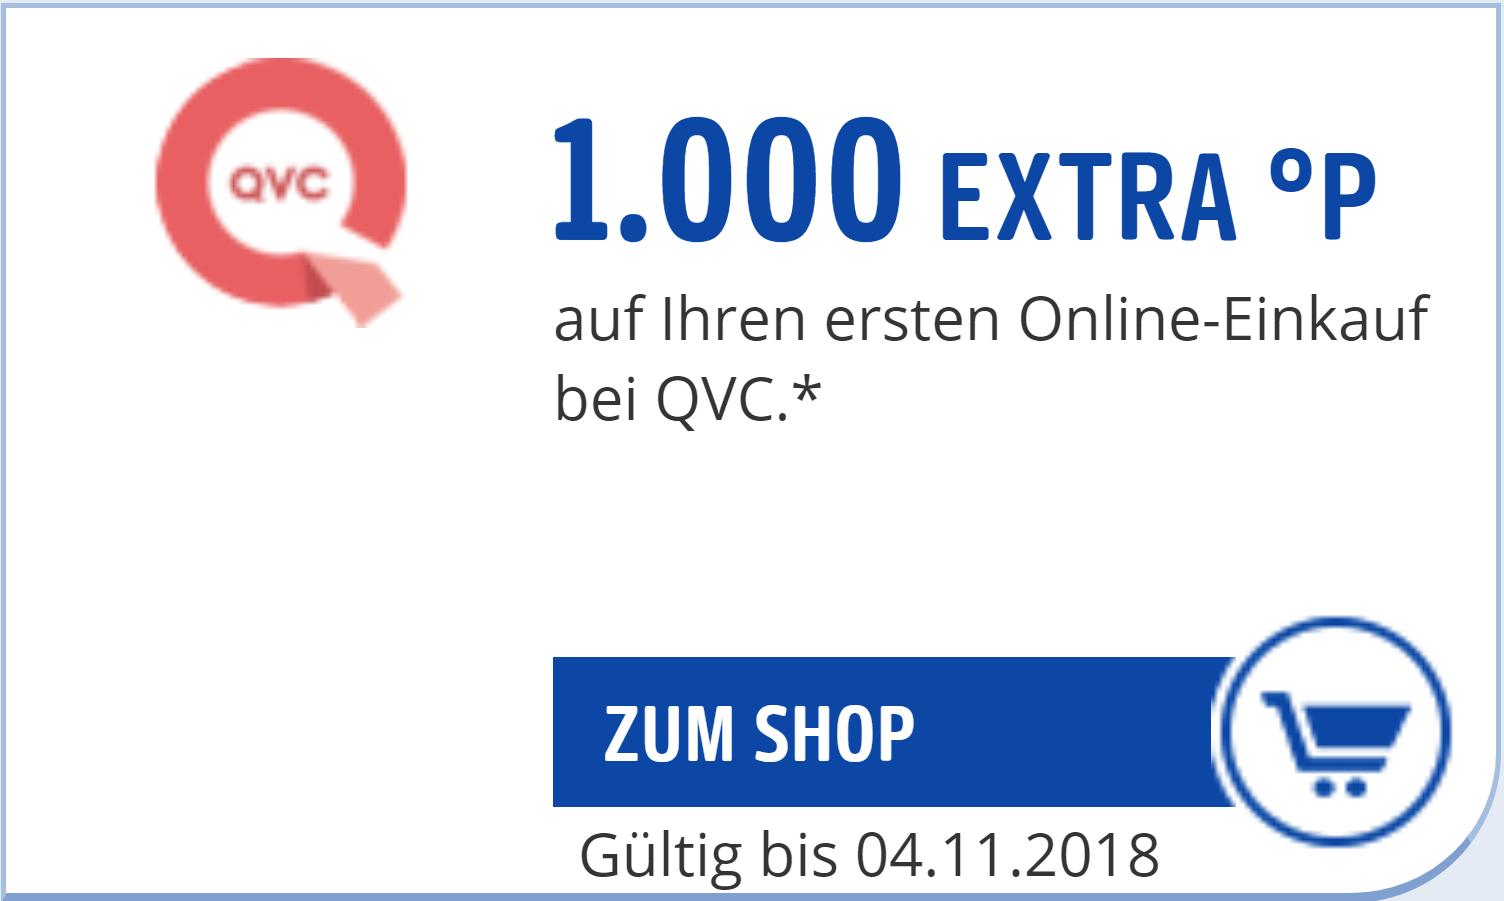 [PAYBACK] 1.000 Extra-Punkte für Neukunden des Online-Shops QVC (Freebies & Gewinn möglich)